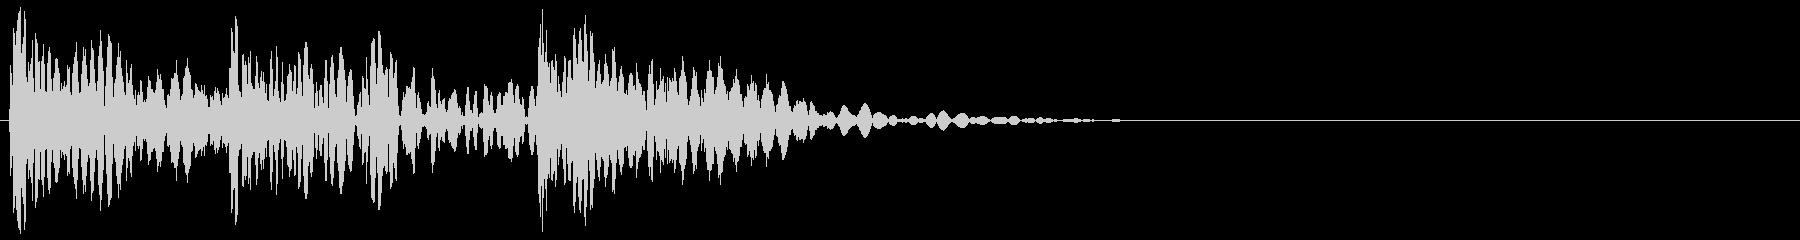 ボコボビビシッ(ラッシュ攻撃)の未再生の波形